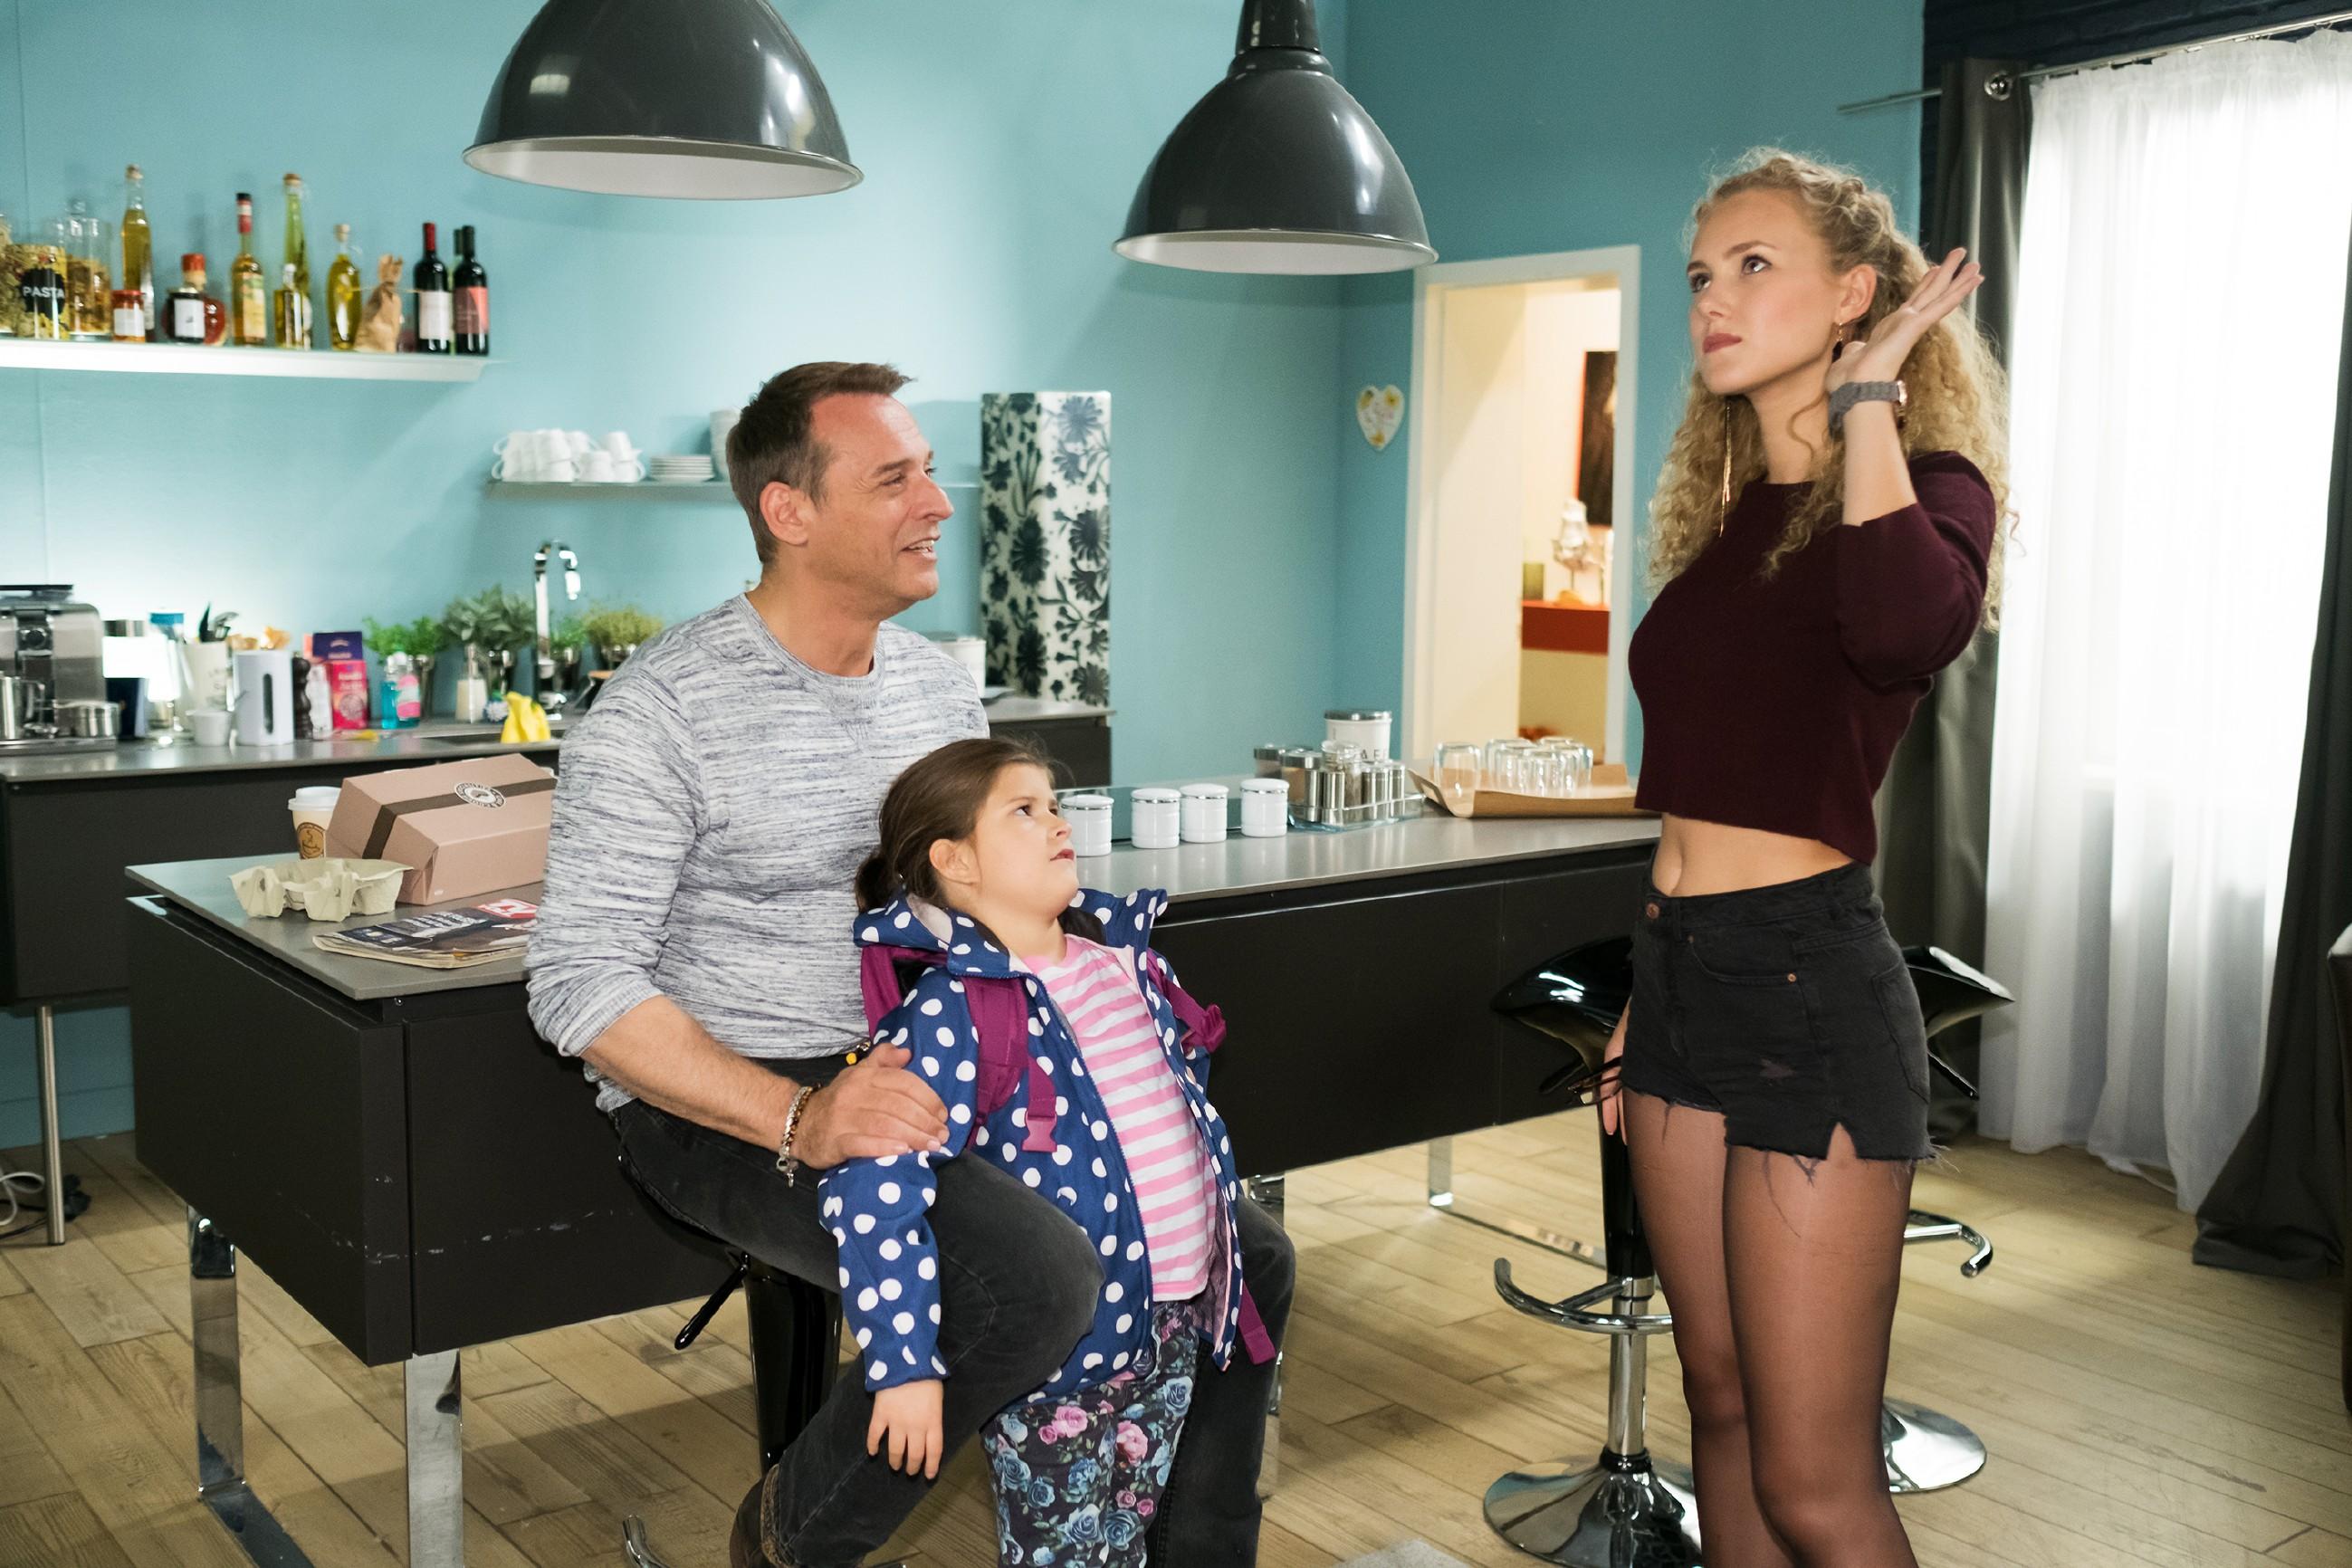 KayC (Pauline Angert, r.) legt sich ins Zeug, um Rufus (Kai Noll) und Lotta von ihrem schauspielerischen Talent zu überzeugen. (Foto: RTL / Stefan Behrens)